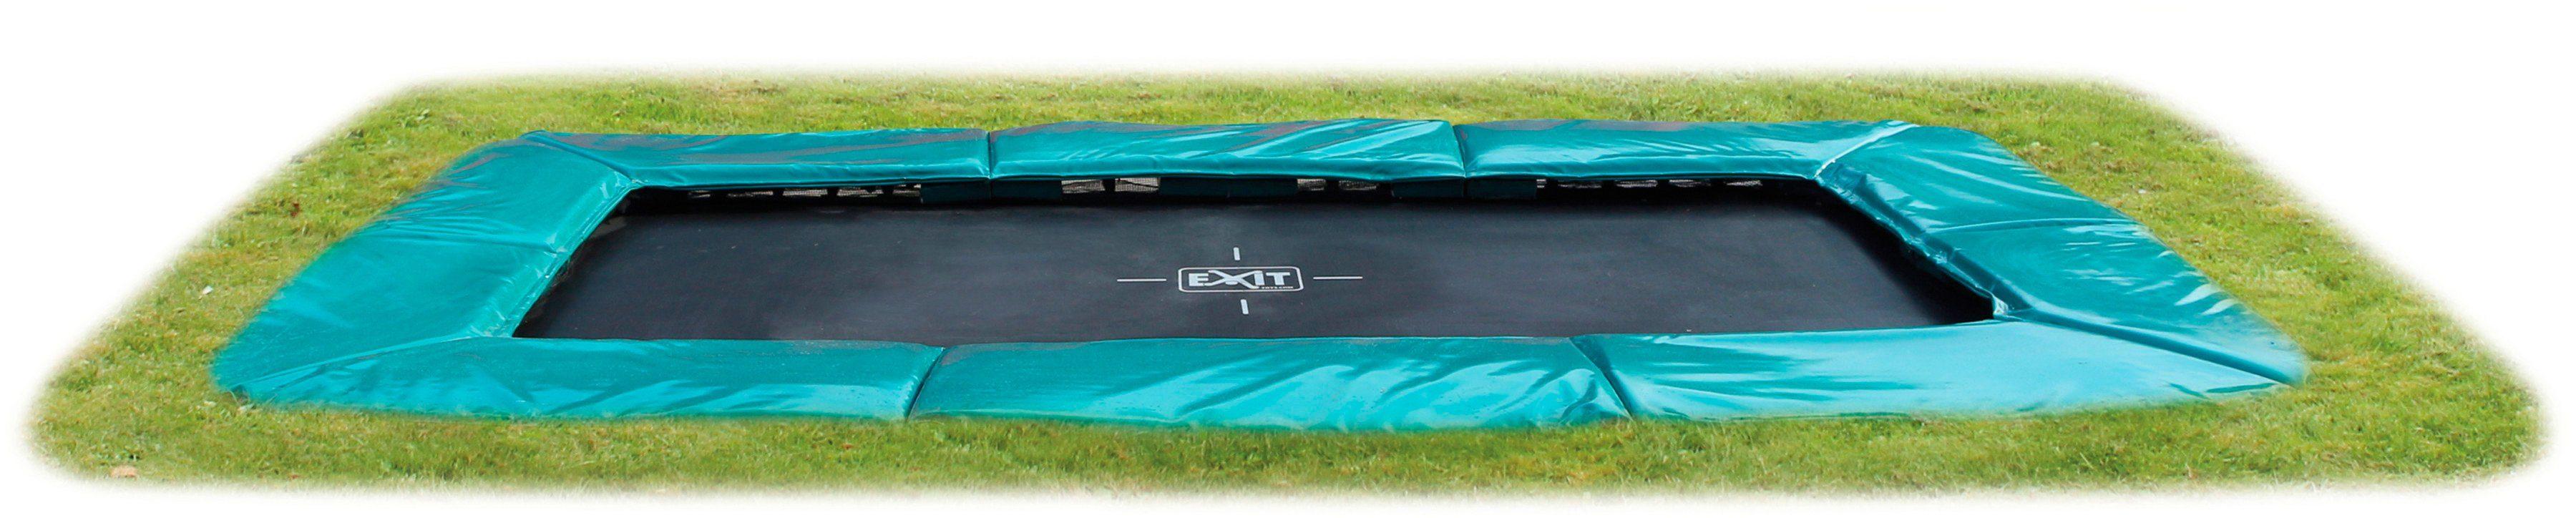 EXIT Trampolin »Supreme Ground Level«, BxT: 366x214 cm, rechteckig, grün